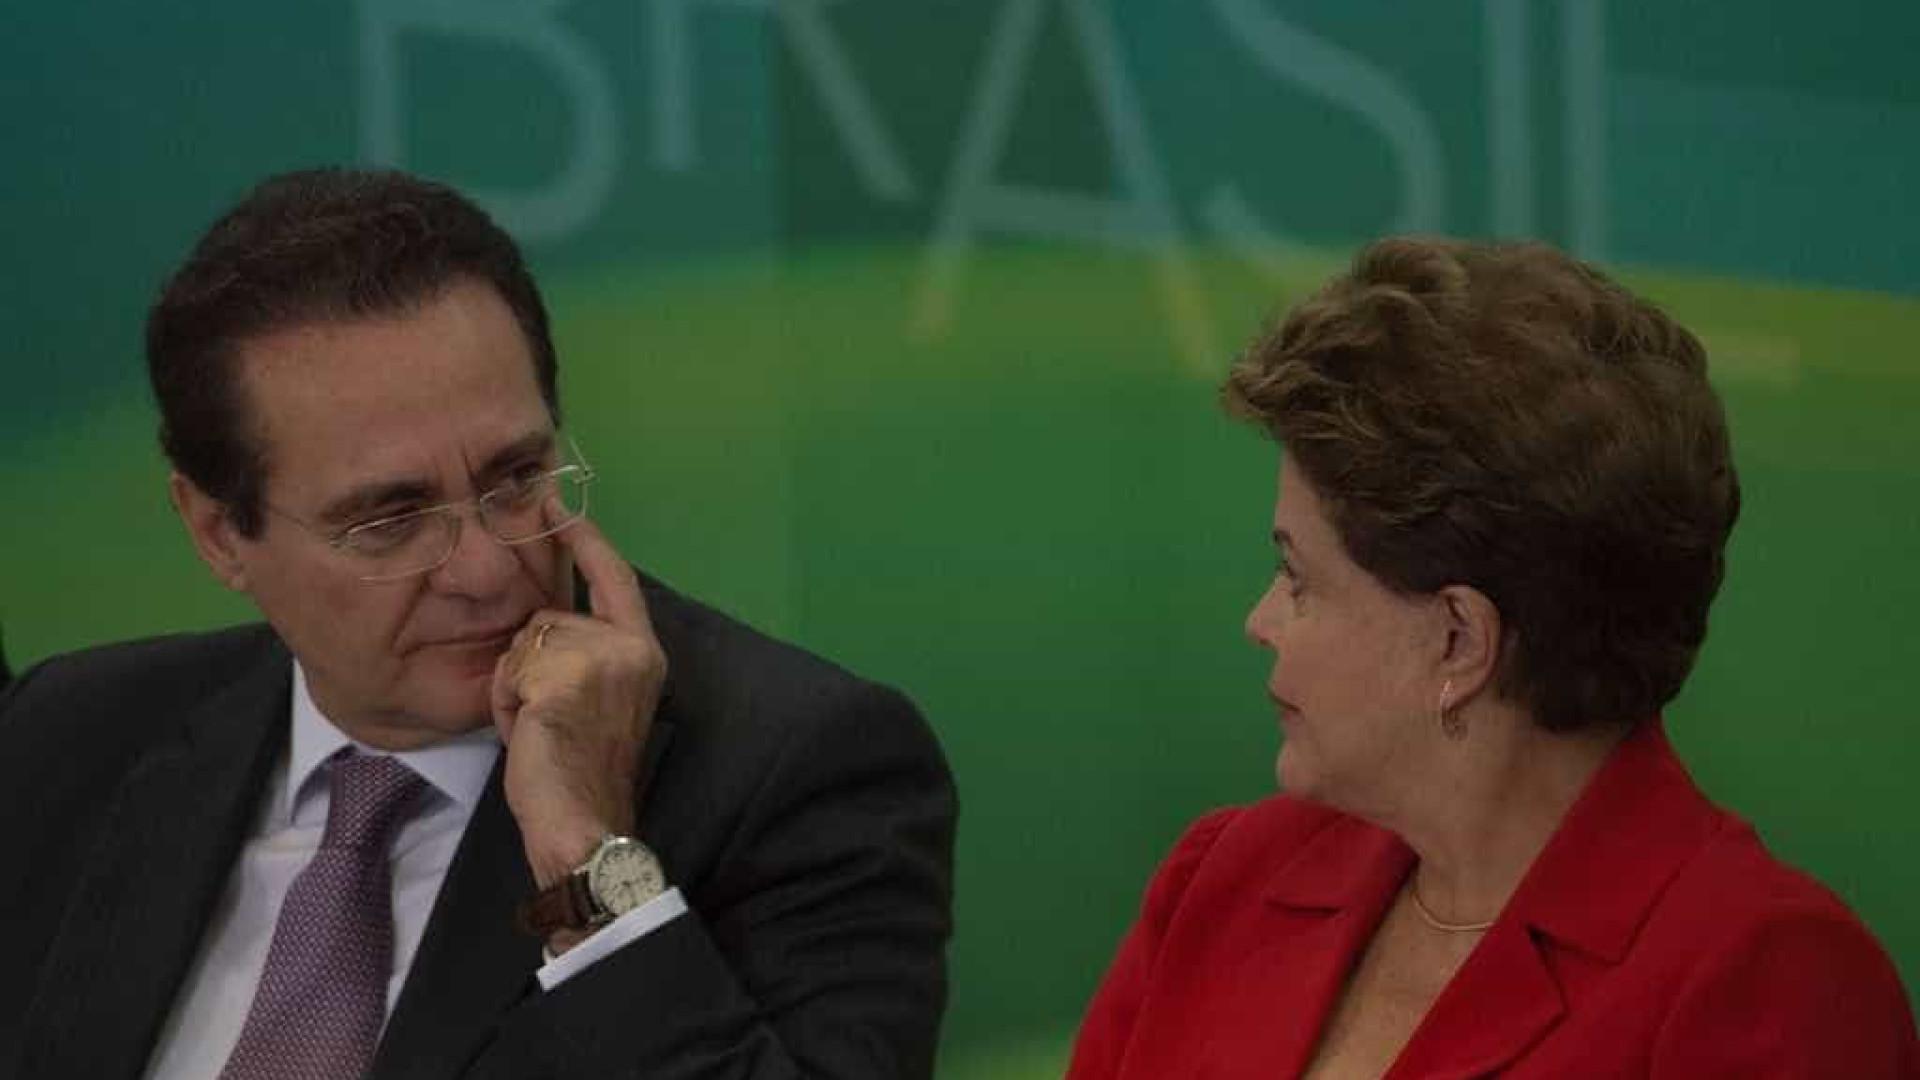 Acordão garante direitos de Dilma e PMDB no Senado